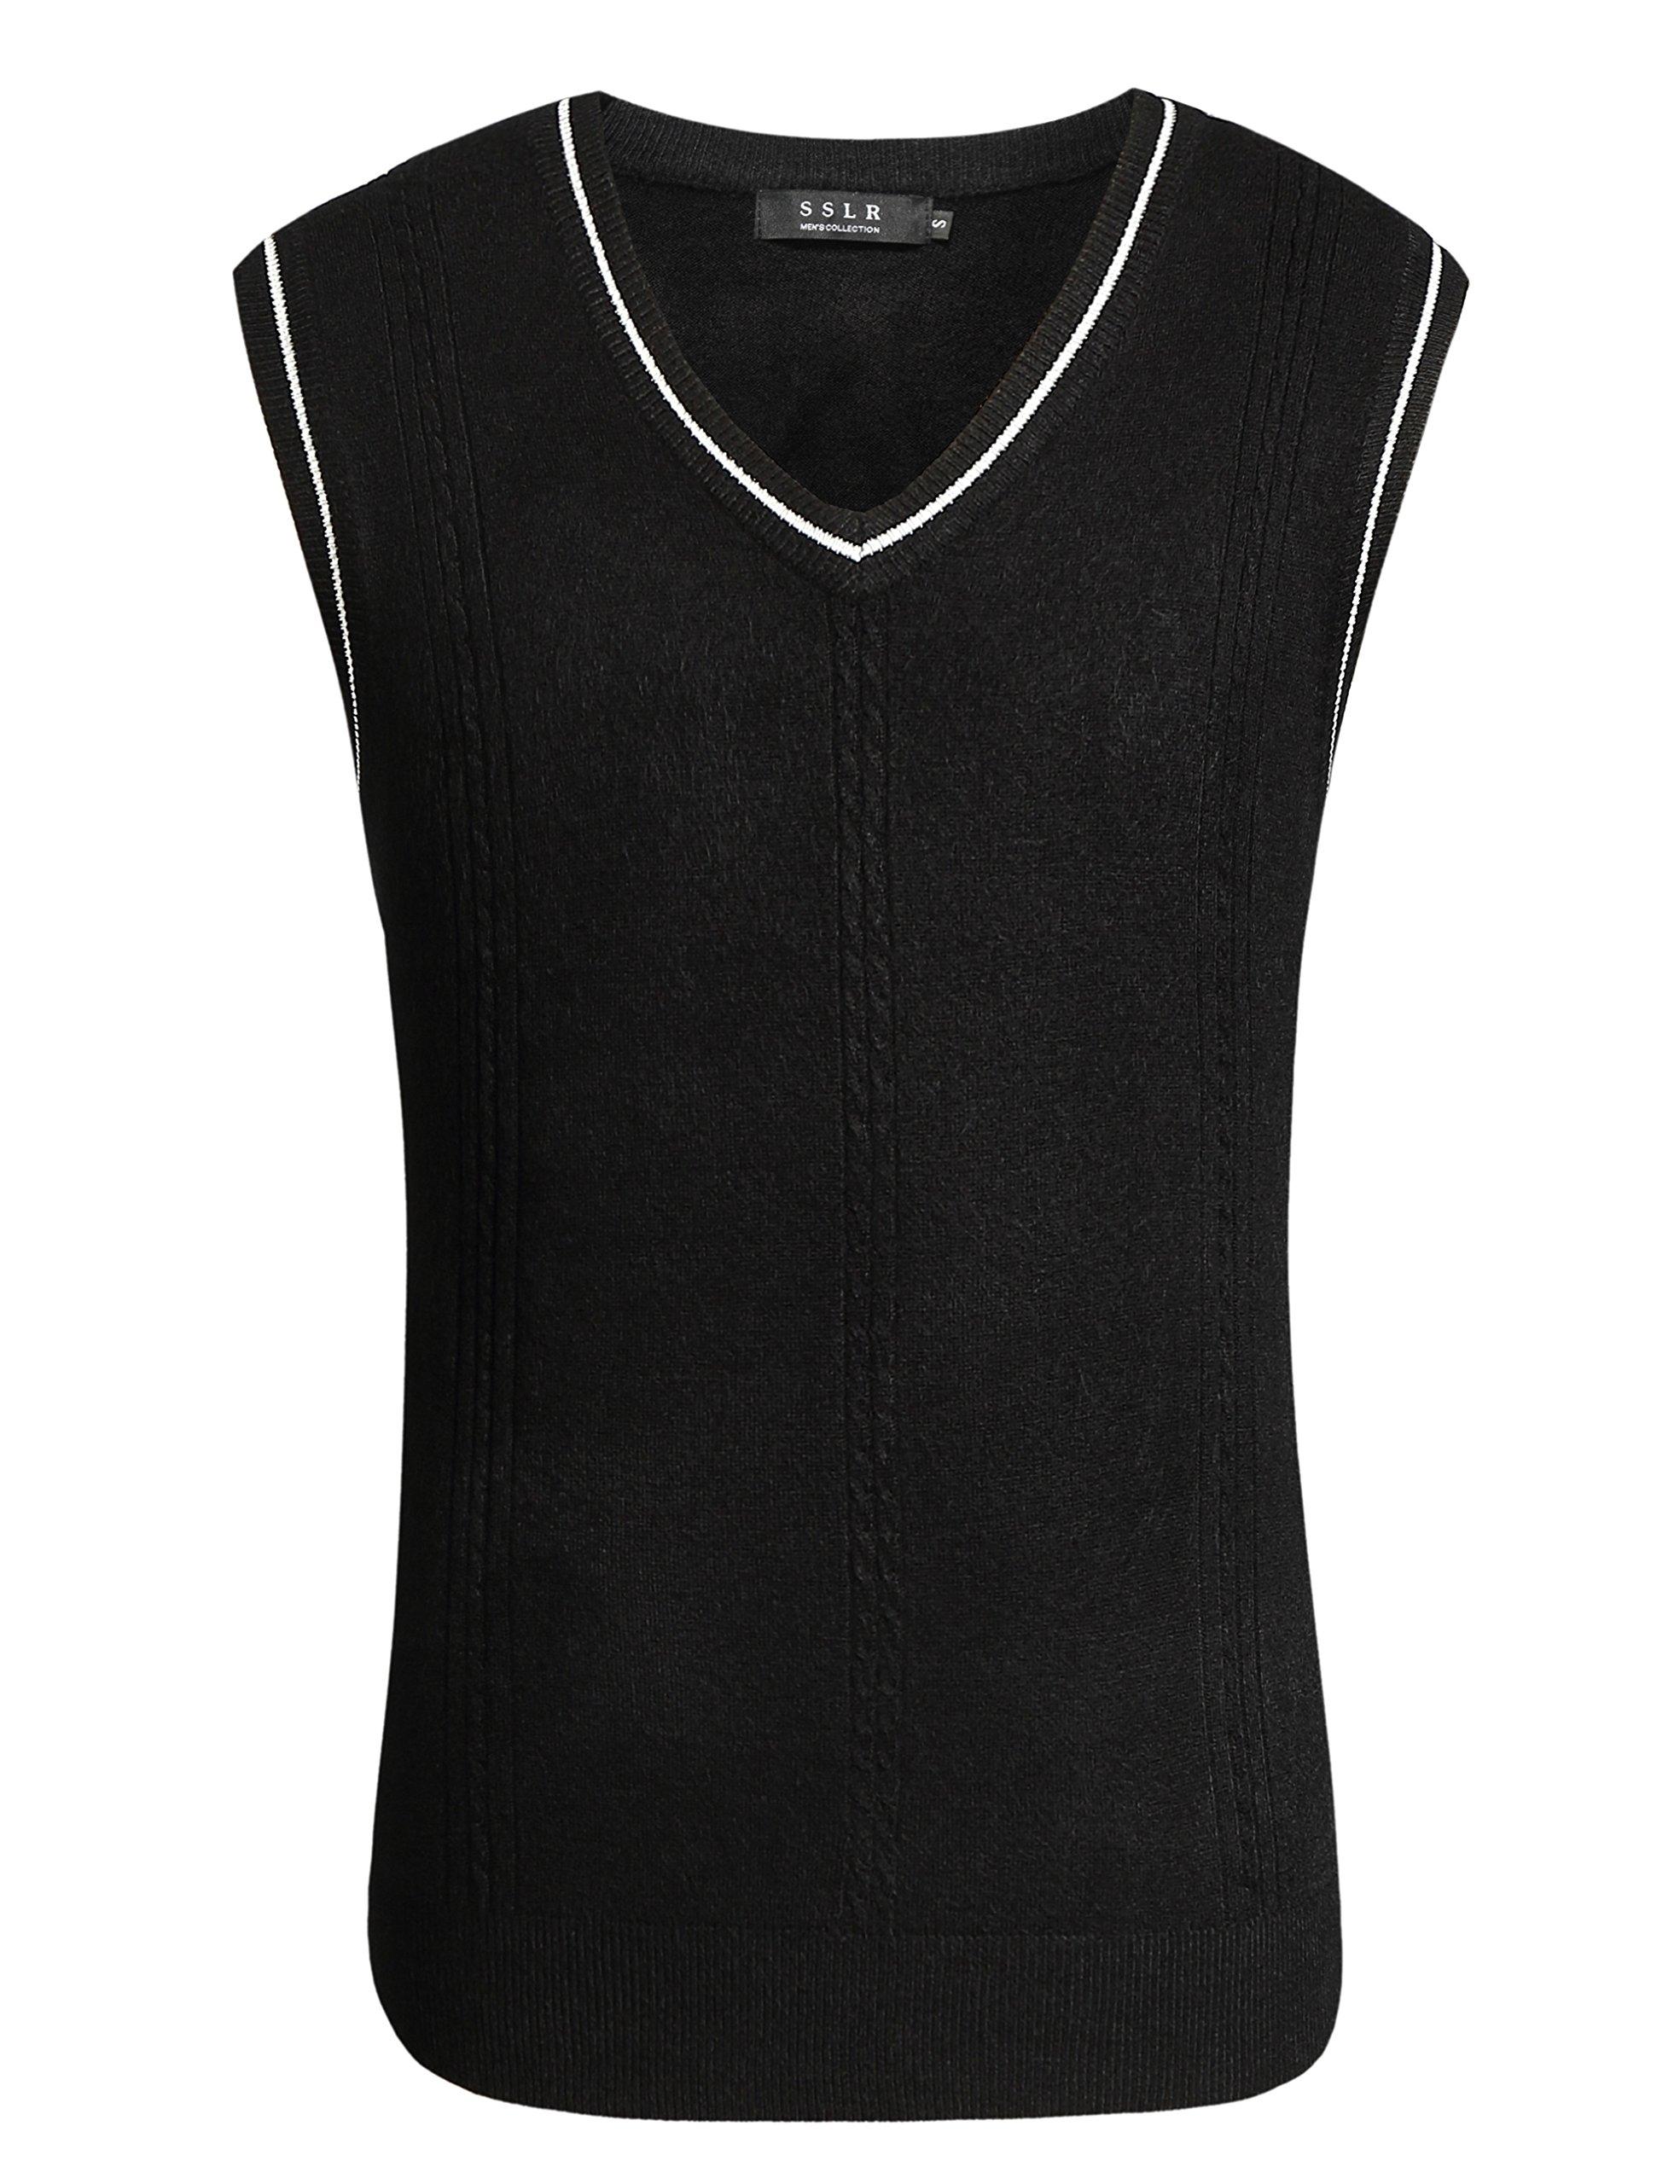 SSLR Men's Regular Fit V Neck Pullover Casual Sweater Vest (Large, Black)